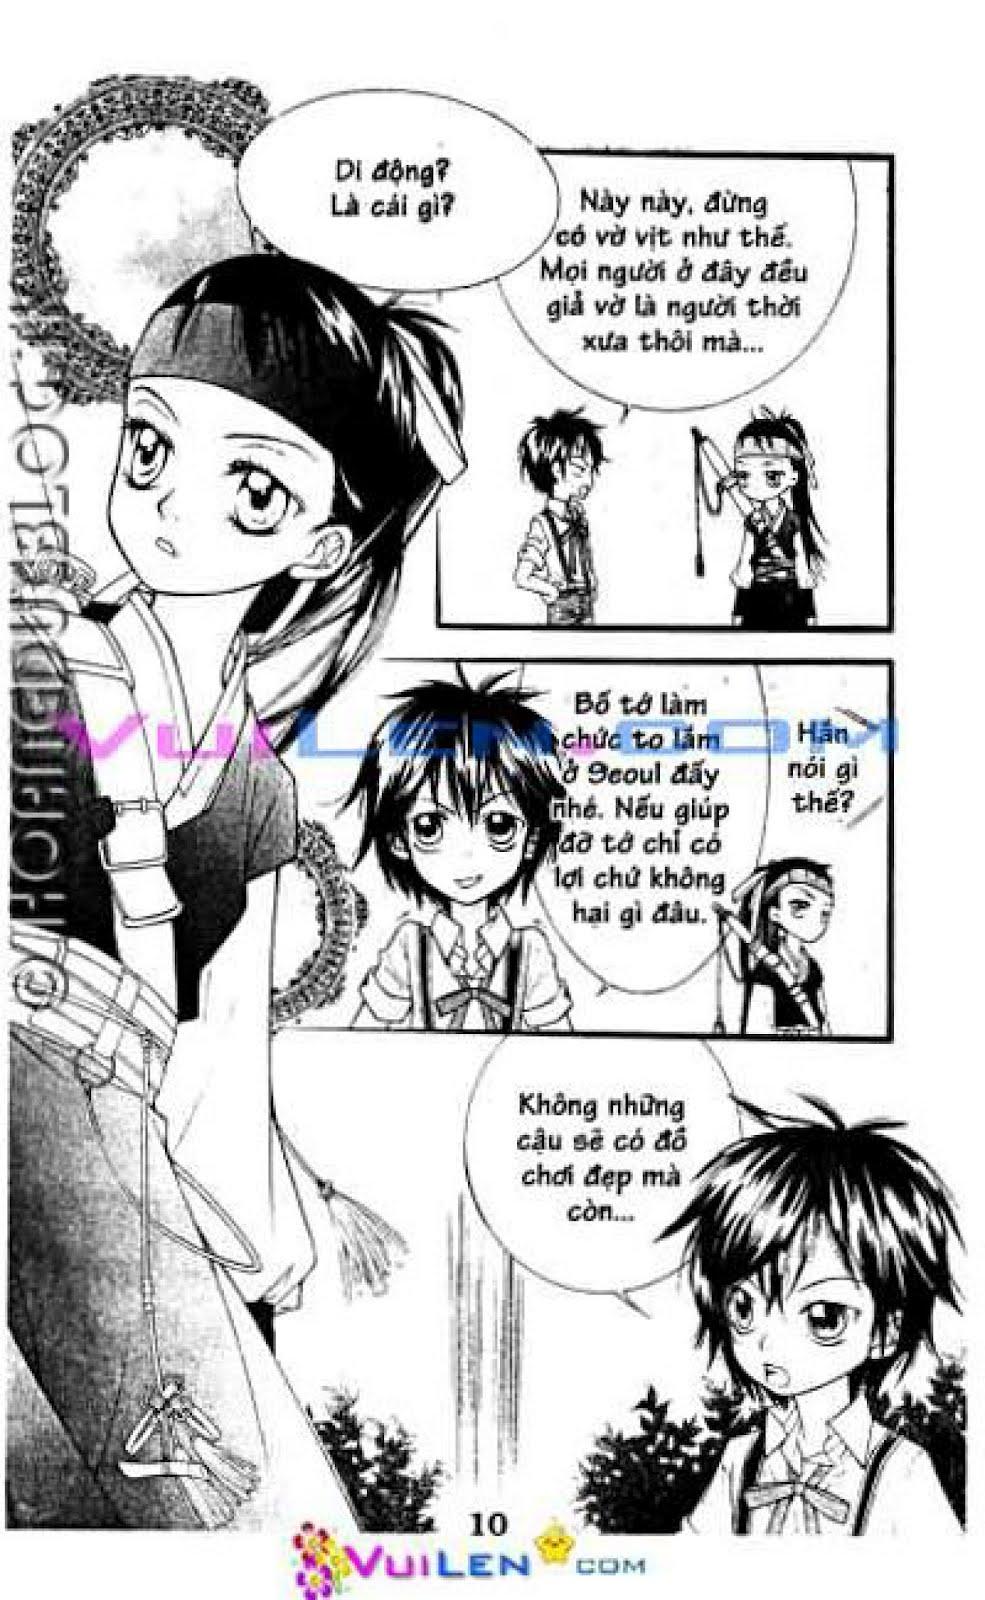 Cô dâu Heo - Pig Bride Chapter 1 - Trang 8